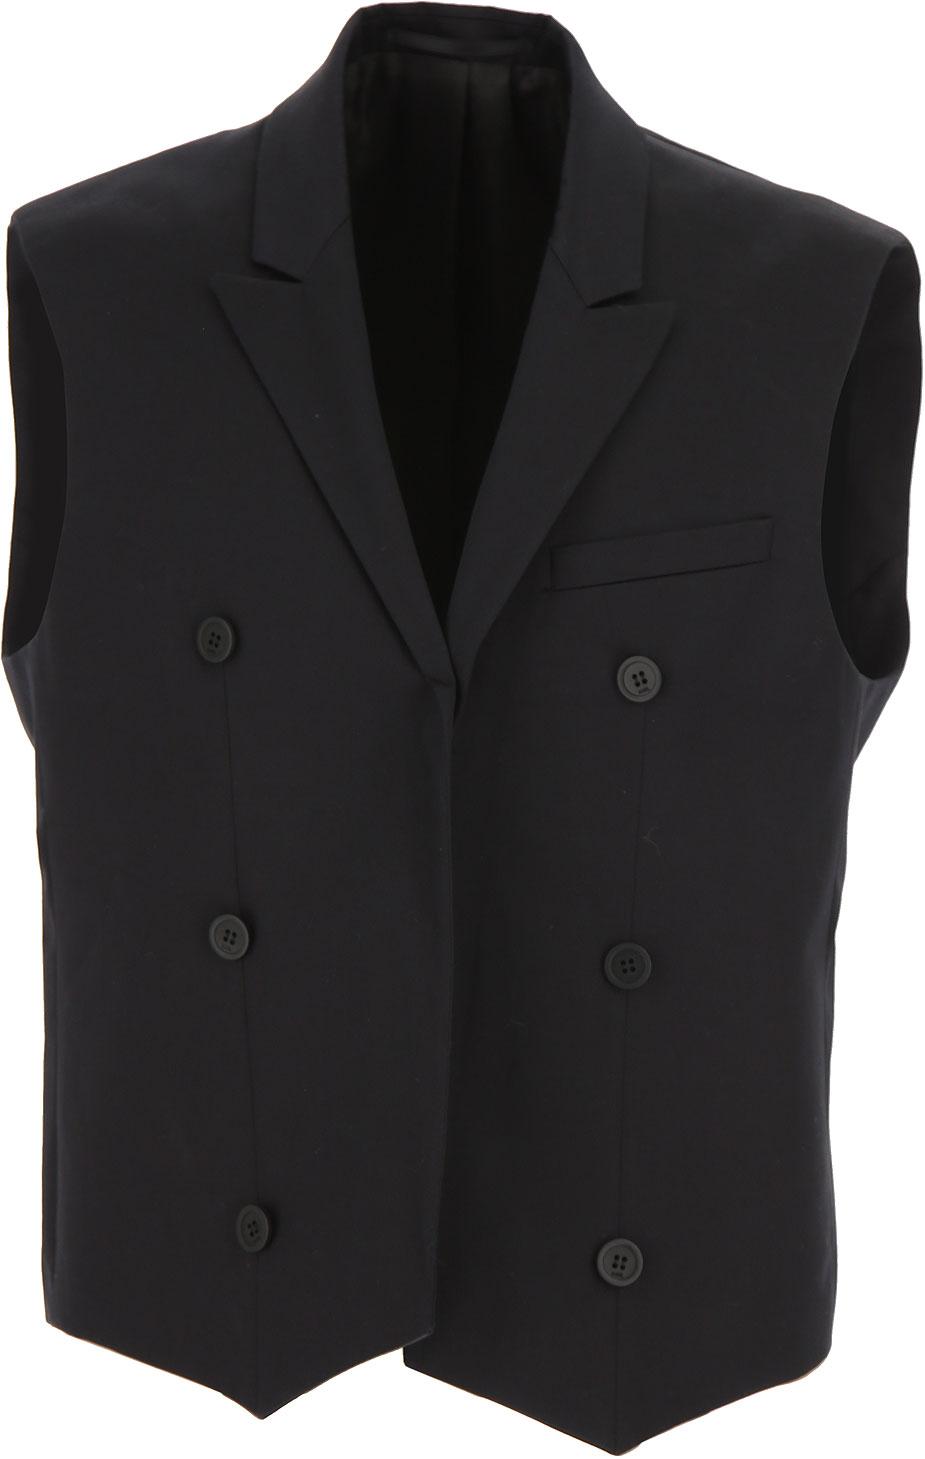 Abbigliamento Uomo Karl Lagerfeld, Codice Articolo: 571-355-001